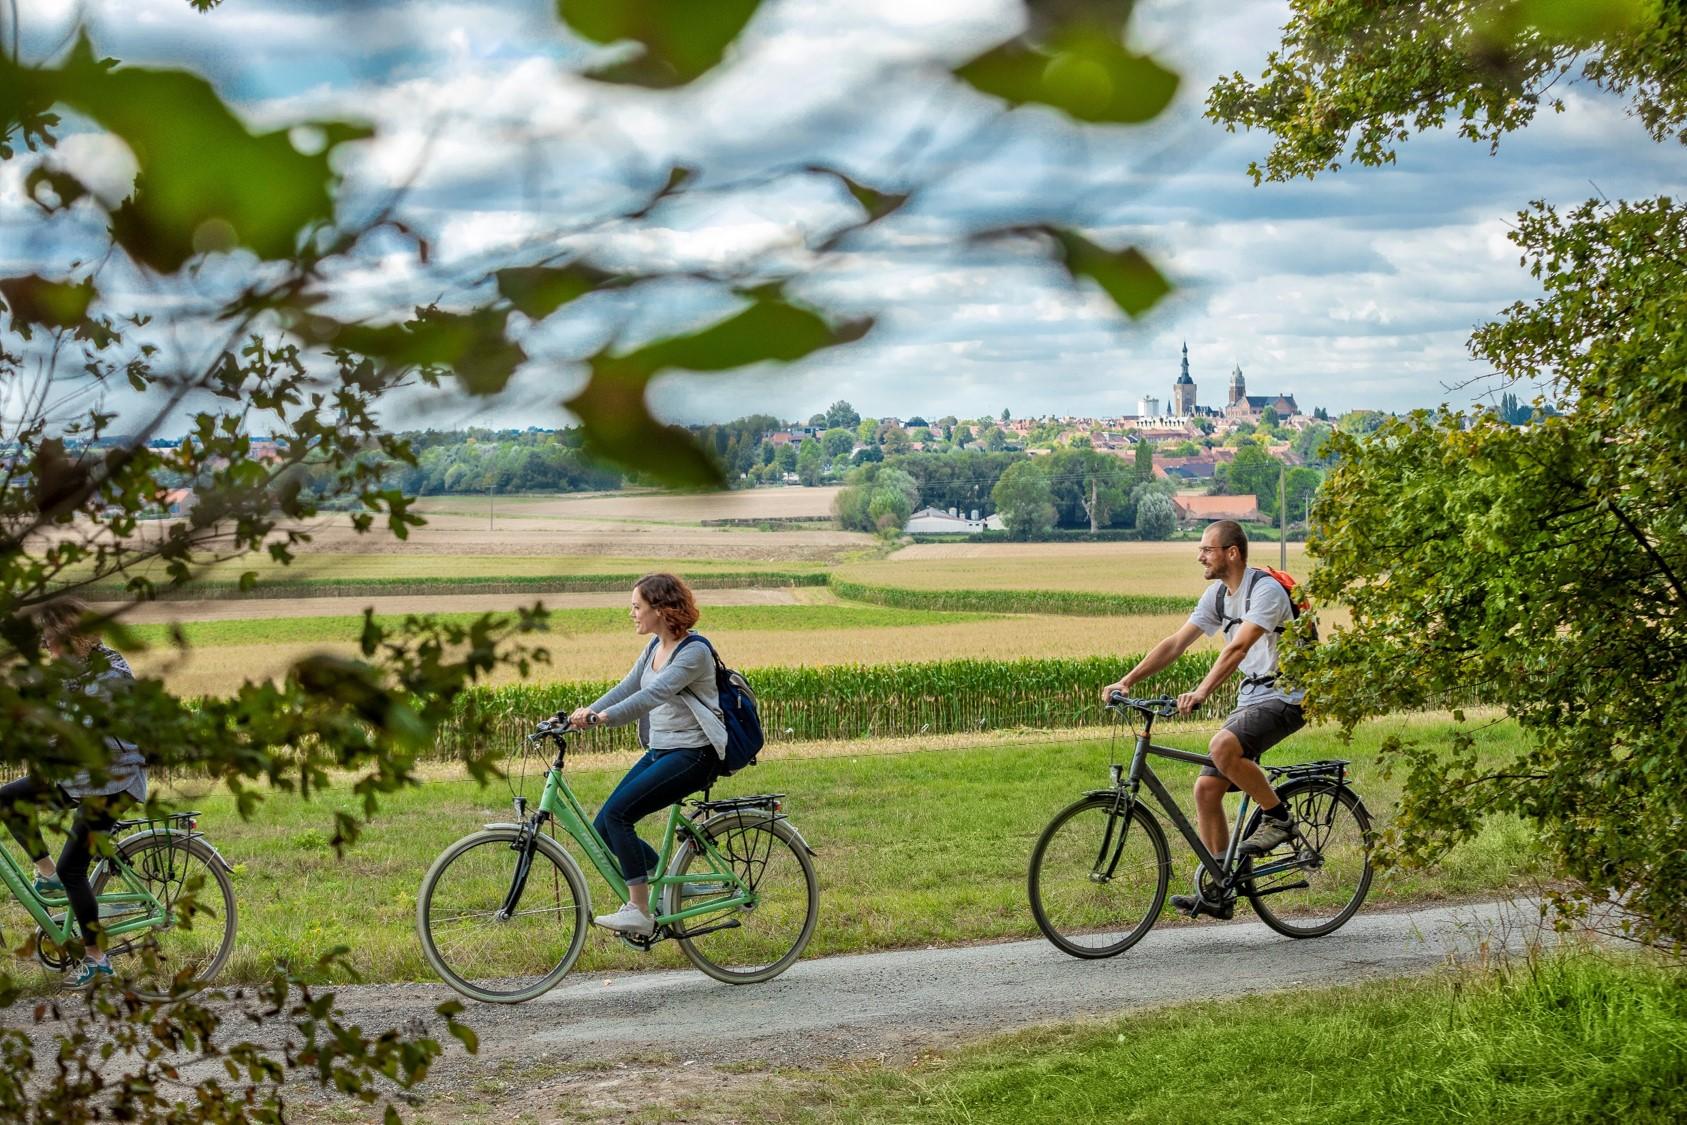 France : Vélo et fromages : des itinéraires cyclables gourmands à travers la France - Routard.com